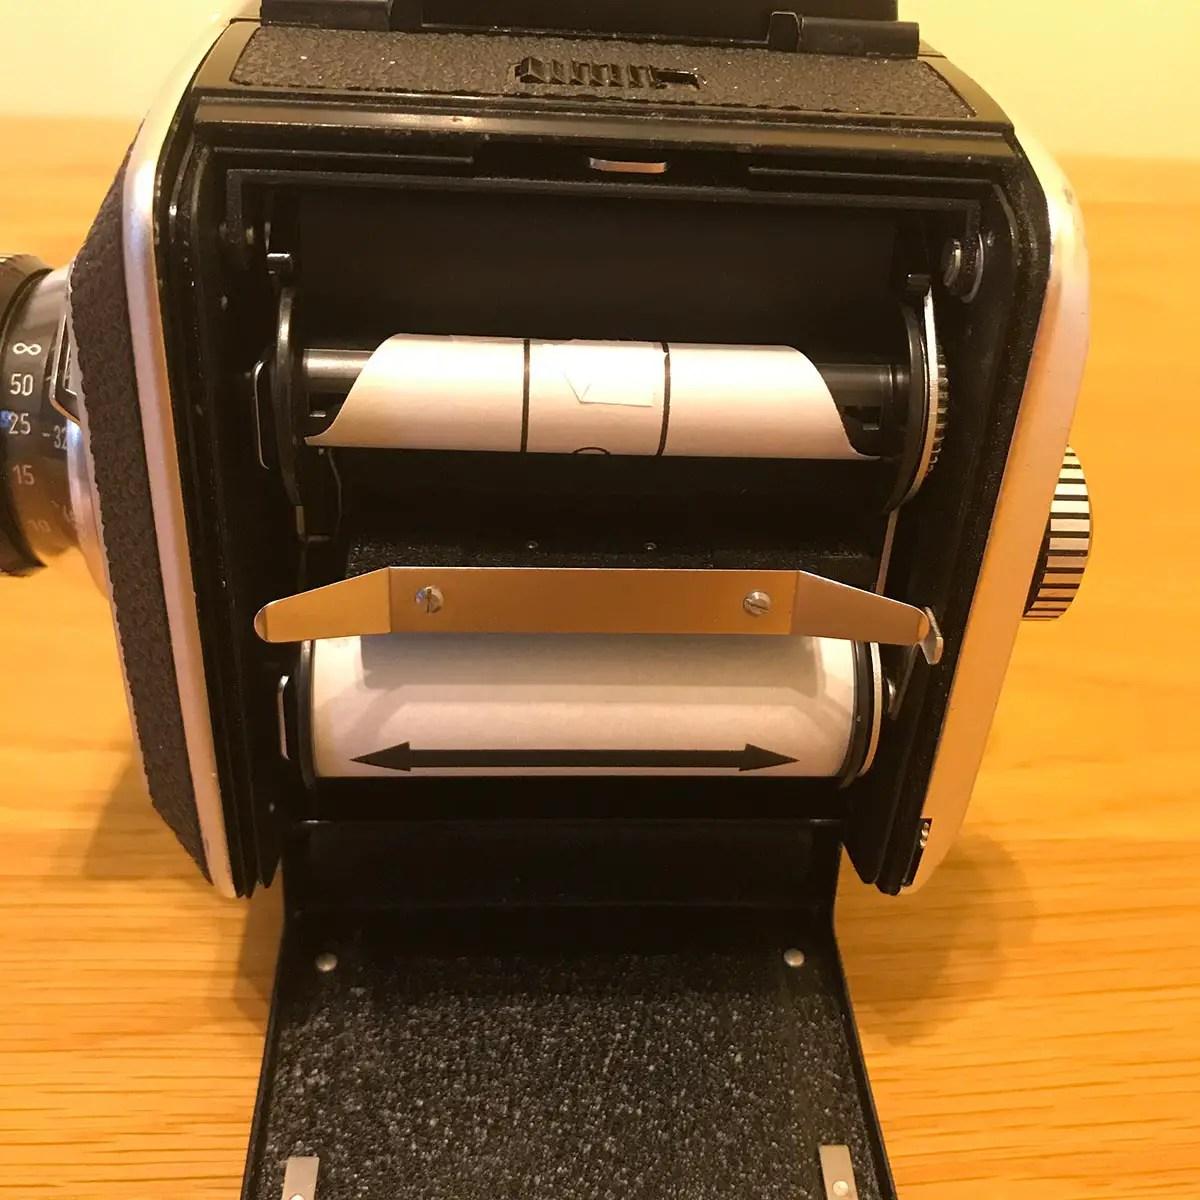 Rollei SL66 - Film Back (insert loaded)